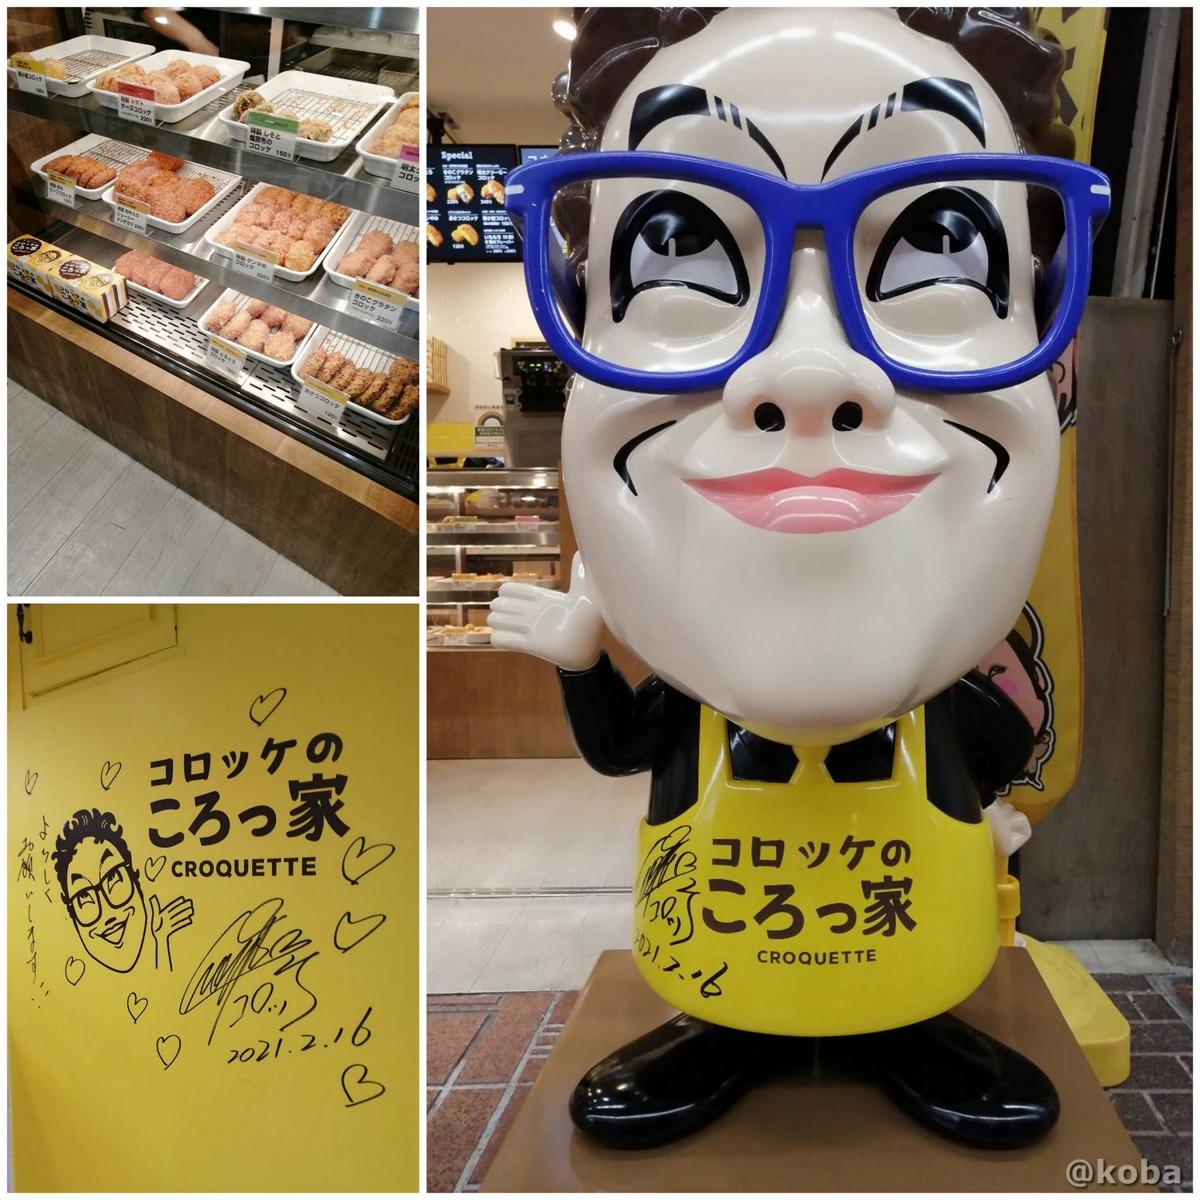 コロッケのマスコット|コロッケのころっ家 コロッケ専門店 Korokke no korokke|東京都葛飾区新小岩1丁目54−3|こばフォトブログ